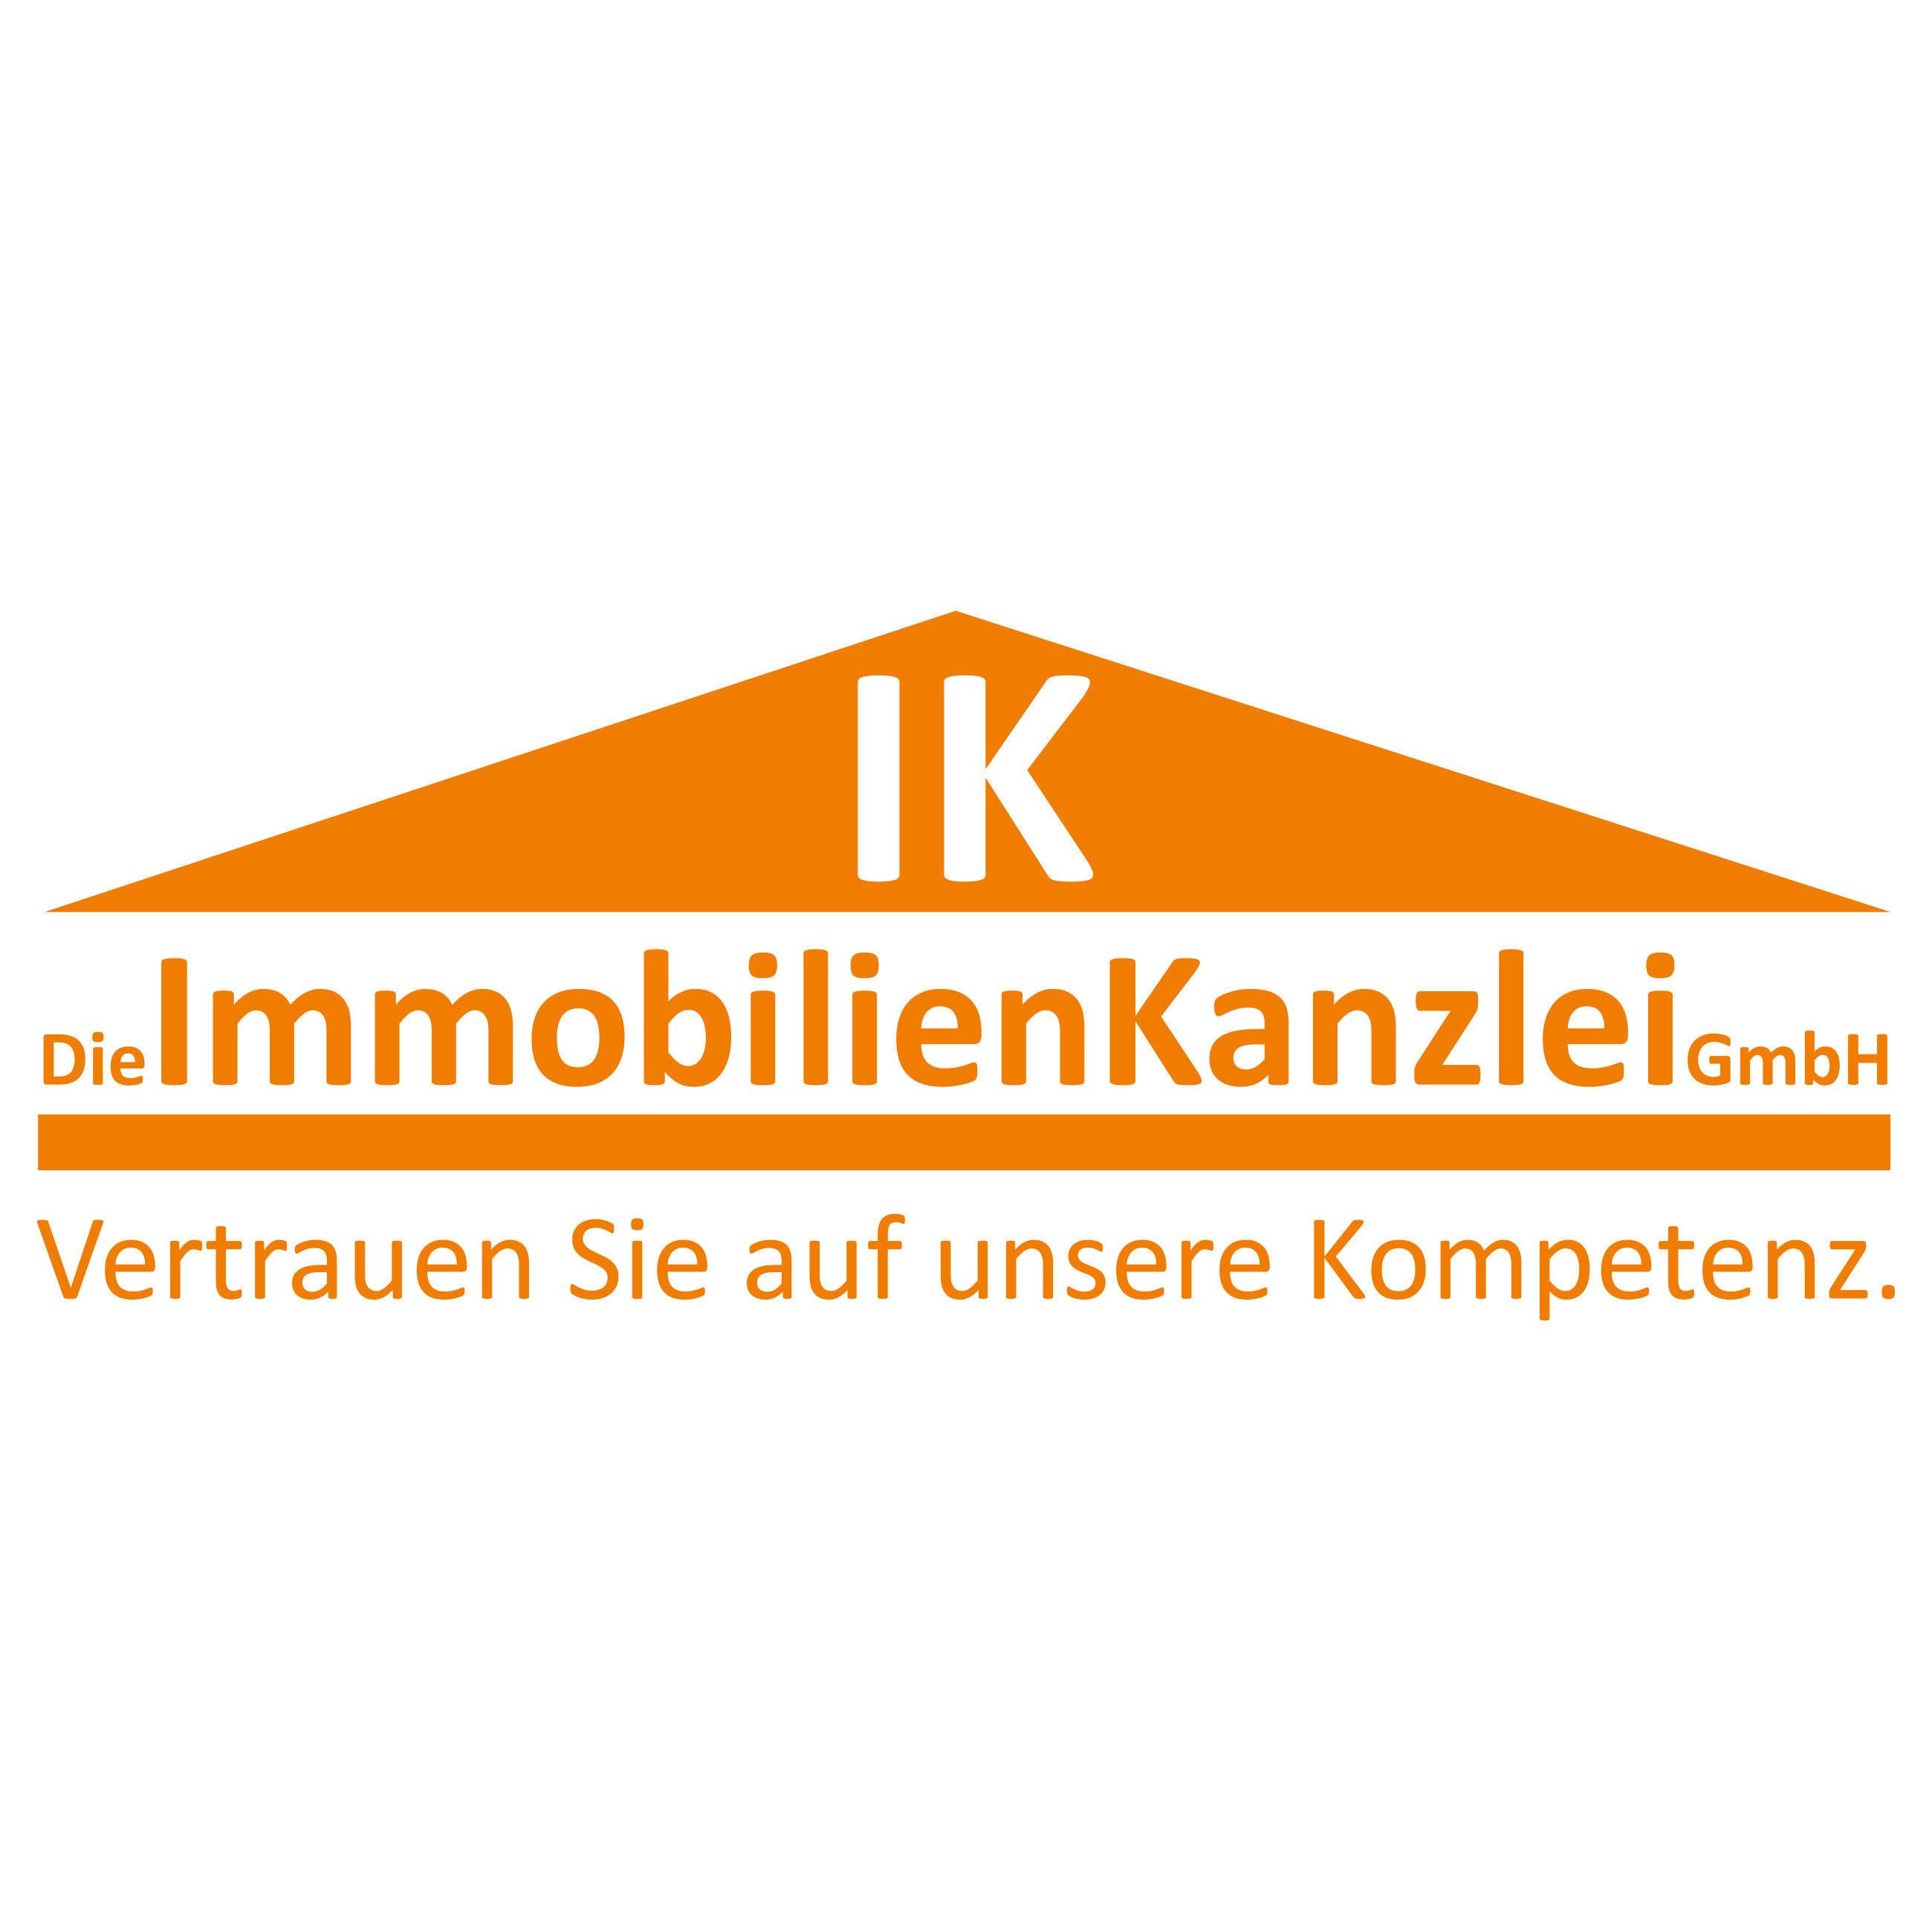 IK Die ImmobilienKanzlei GmbH